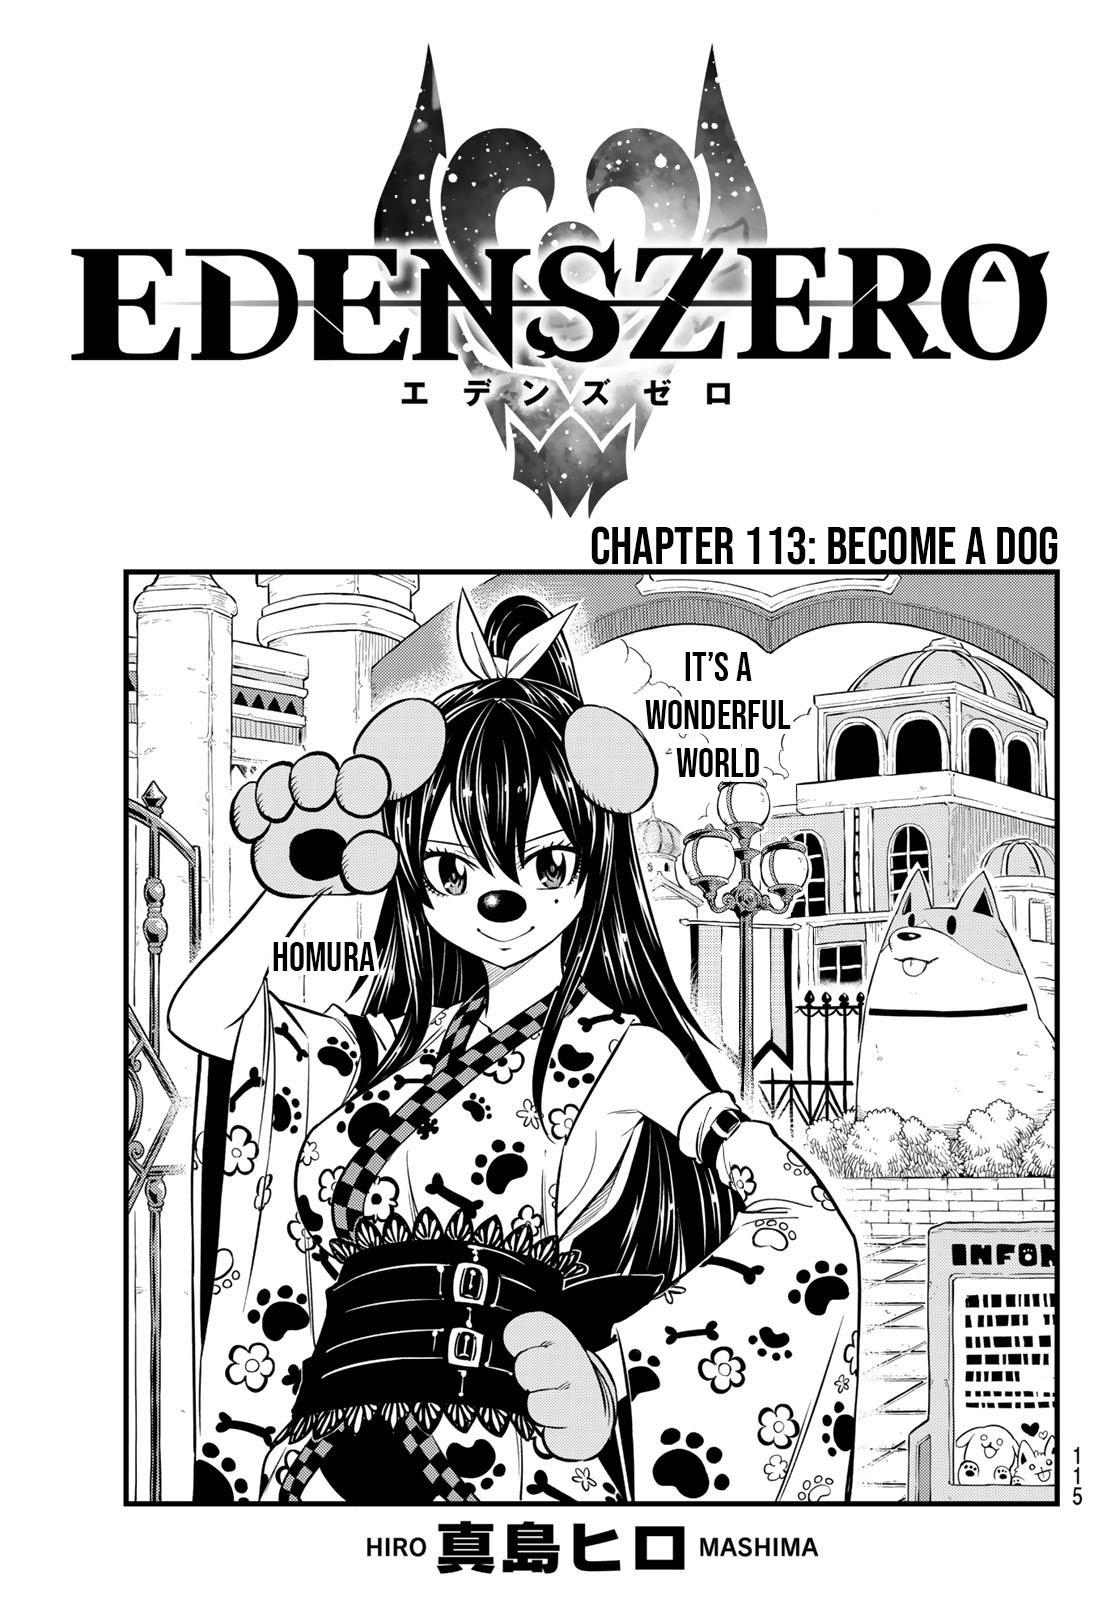 https://img3.nineanime.com/comics/pic4/28/21852/2340187/5b1bf4359bd2ebb370a47bf756b07e92.jpg Page 1